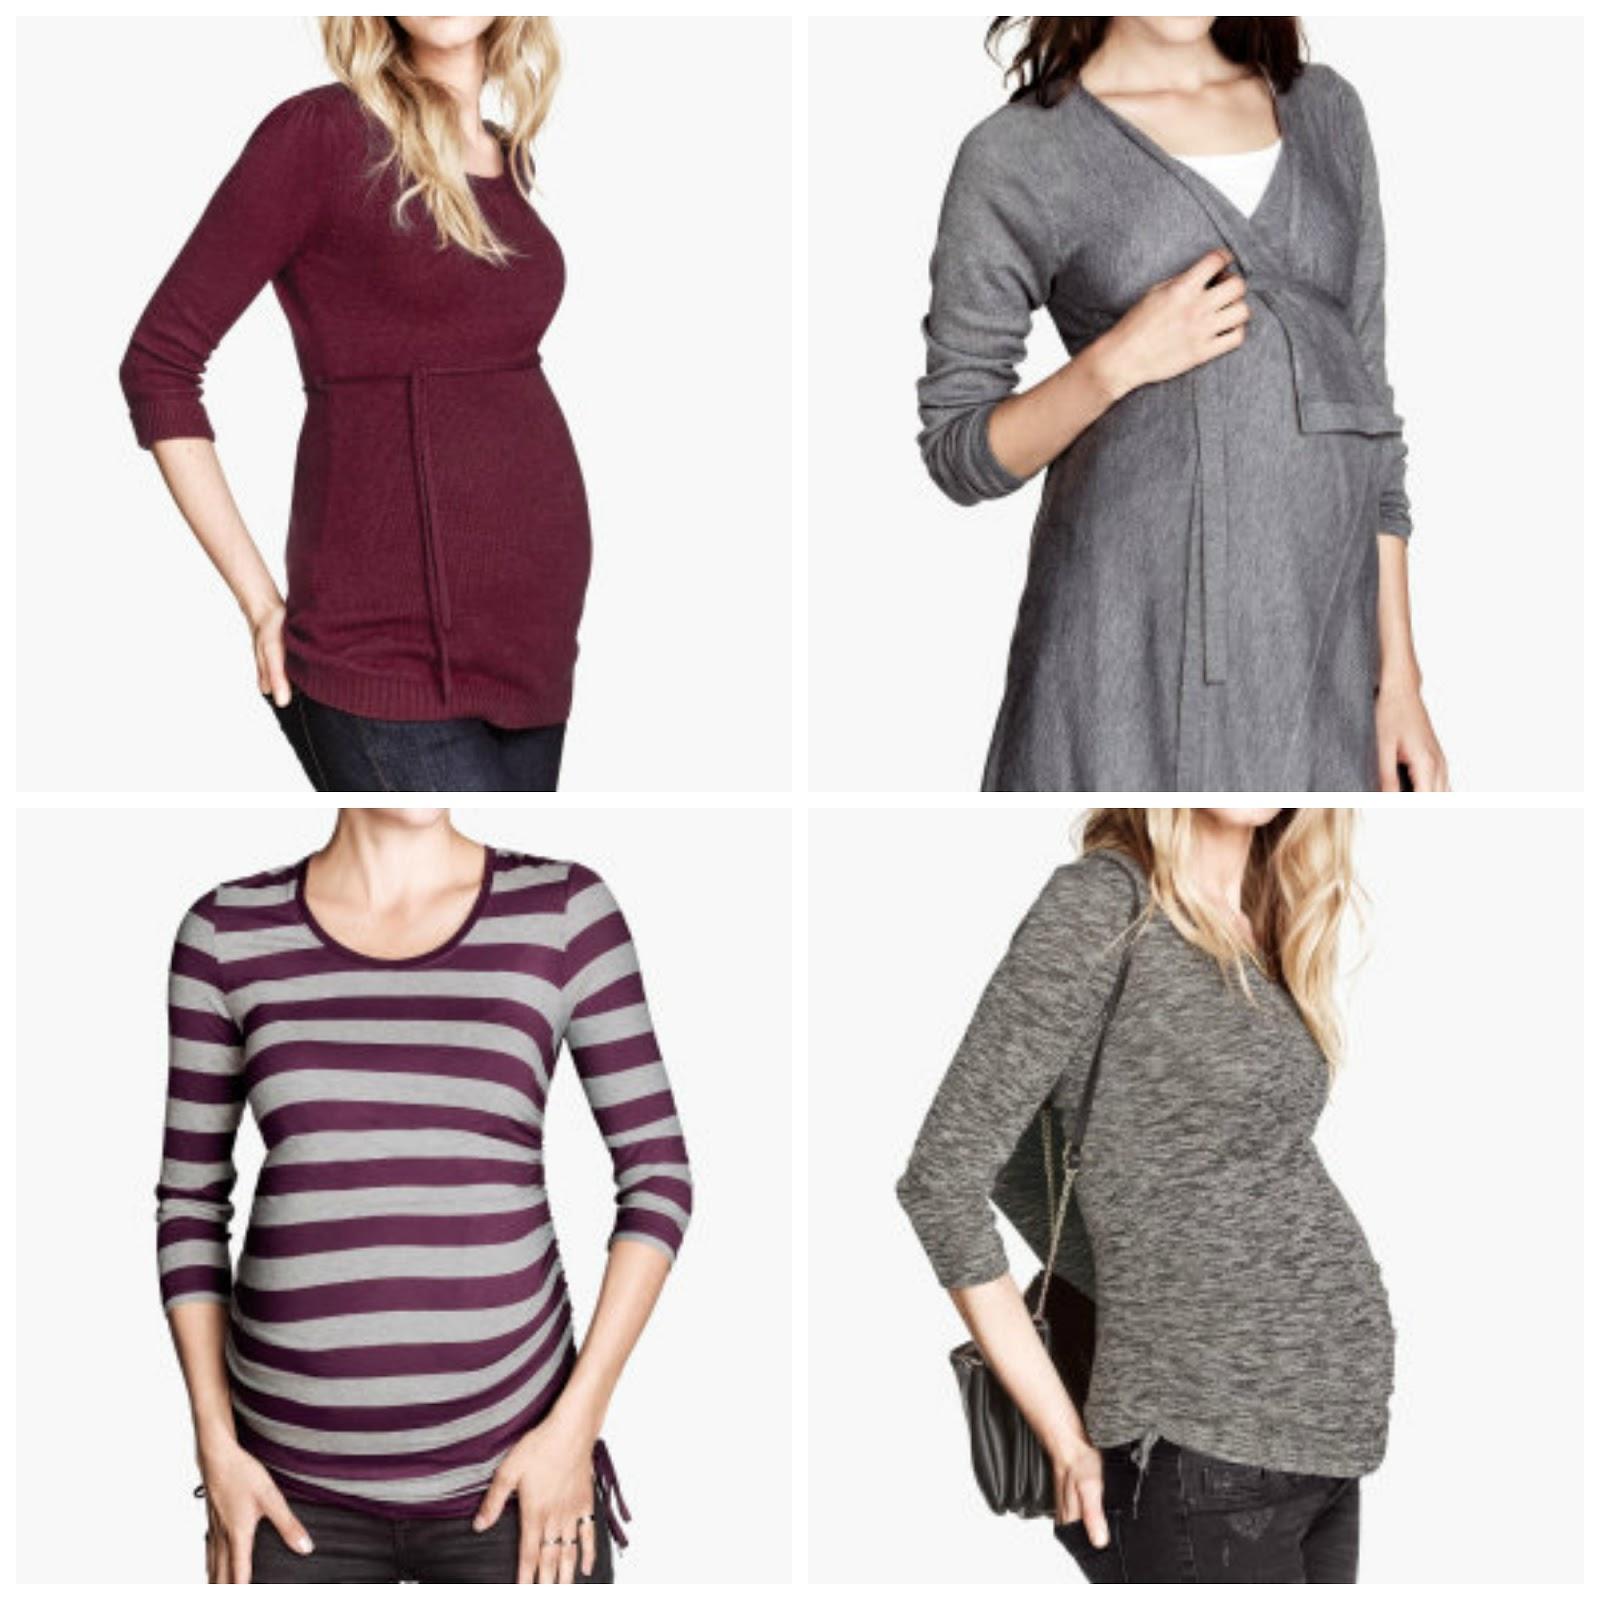 414060092 ¿Conocíais las colecciones de ropa premamá y lactancia de estas tiendas   ¿Qué os parecen estas tiendas como sitios donde comprar prendas para  embarazadas